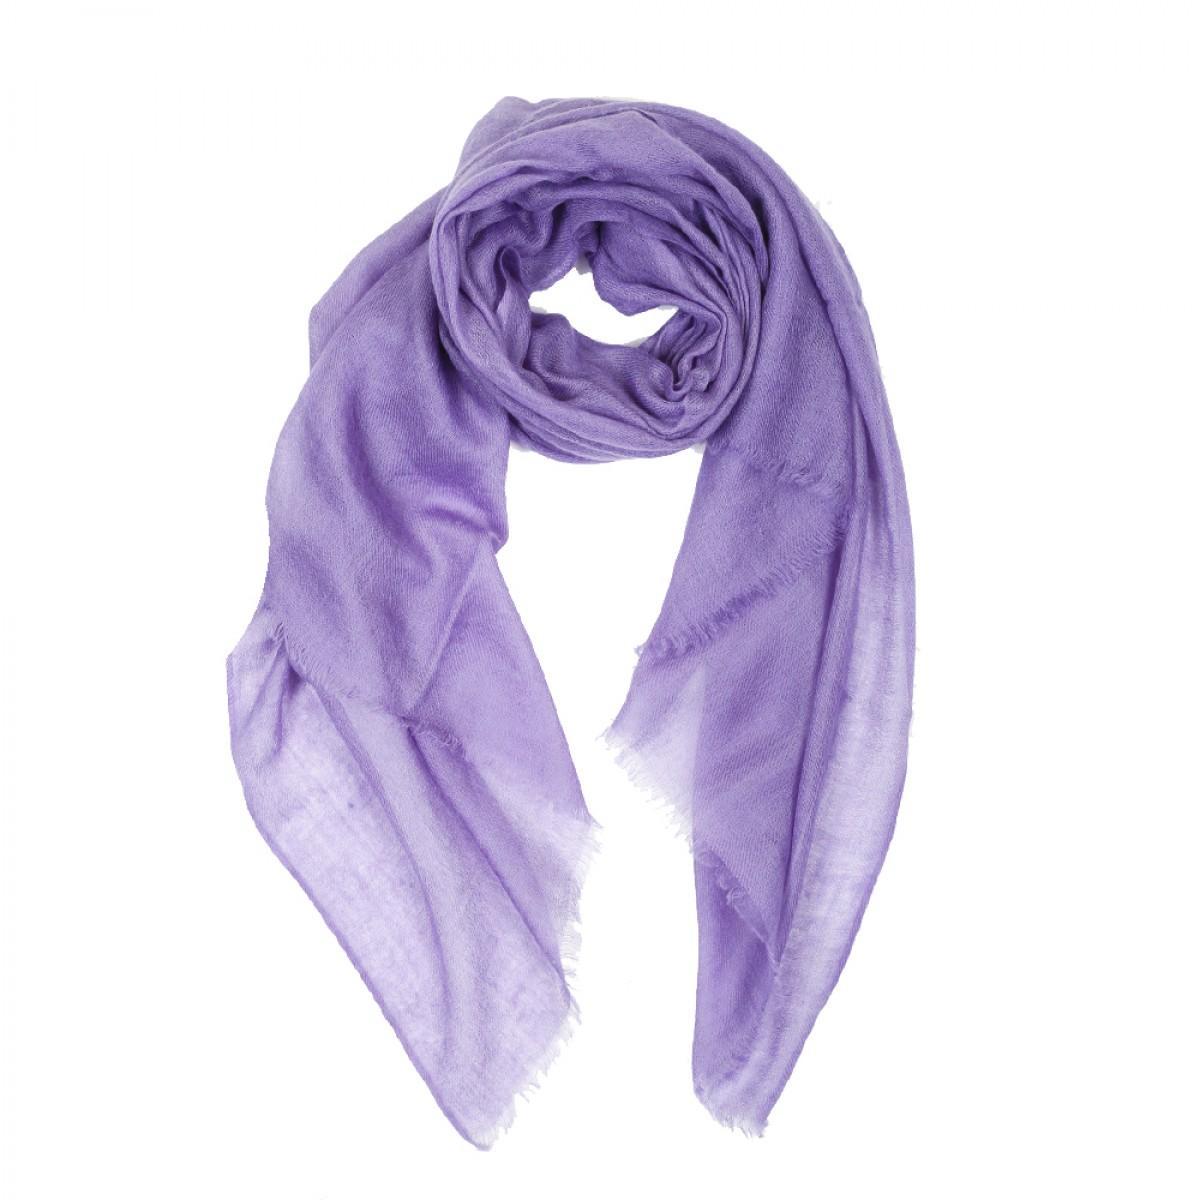 Sheer Pashmina Scarf - Lavender